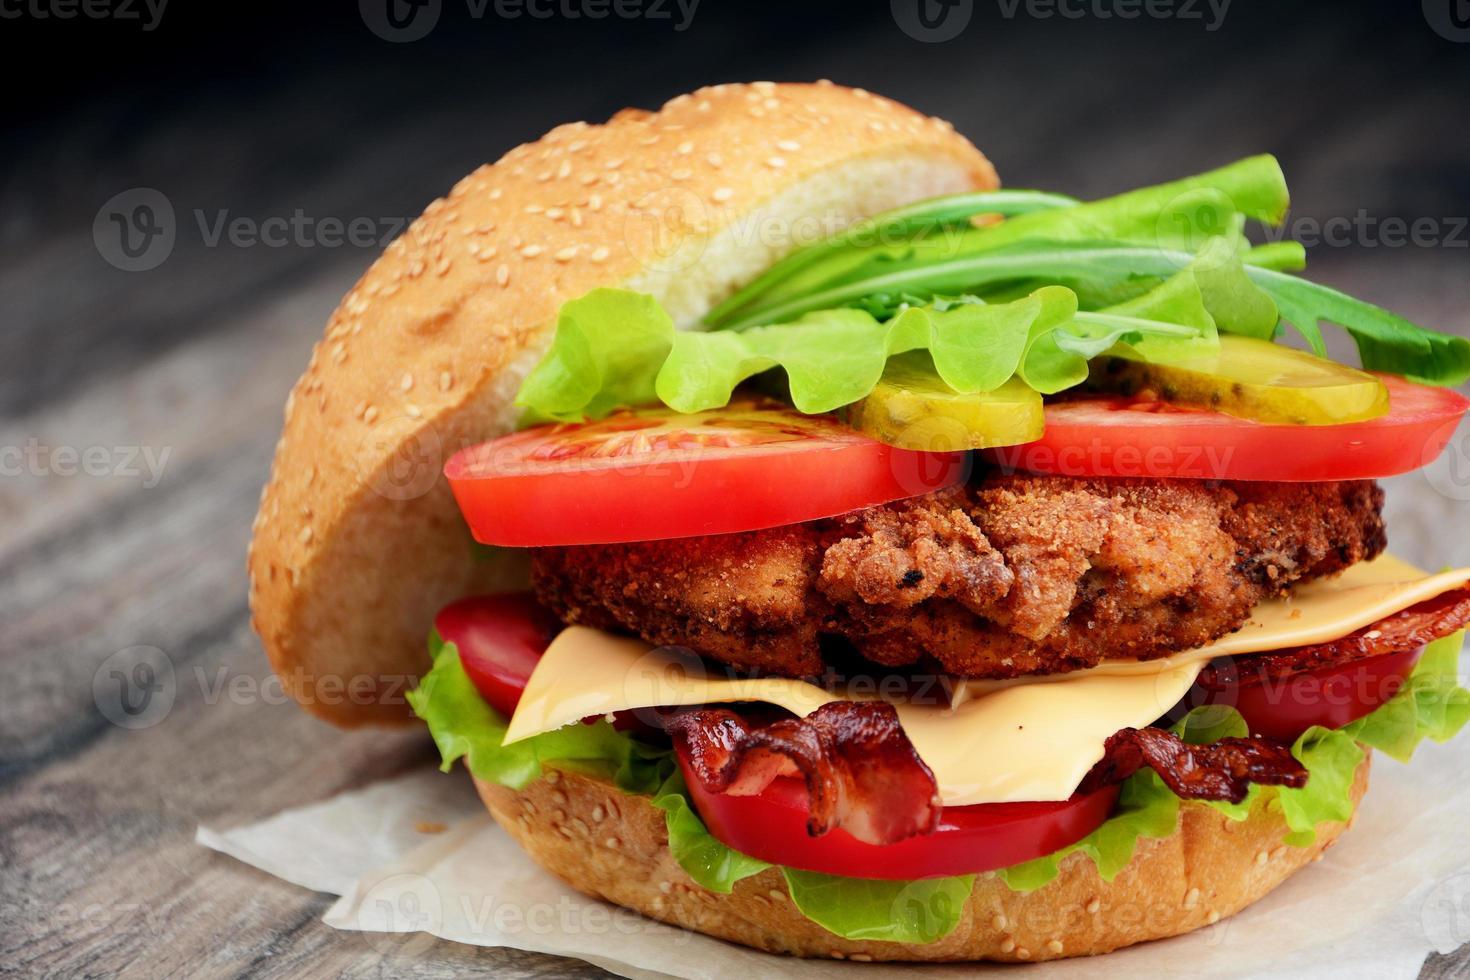 sabroso sándwich casero foto